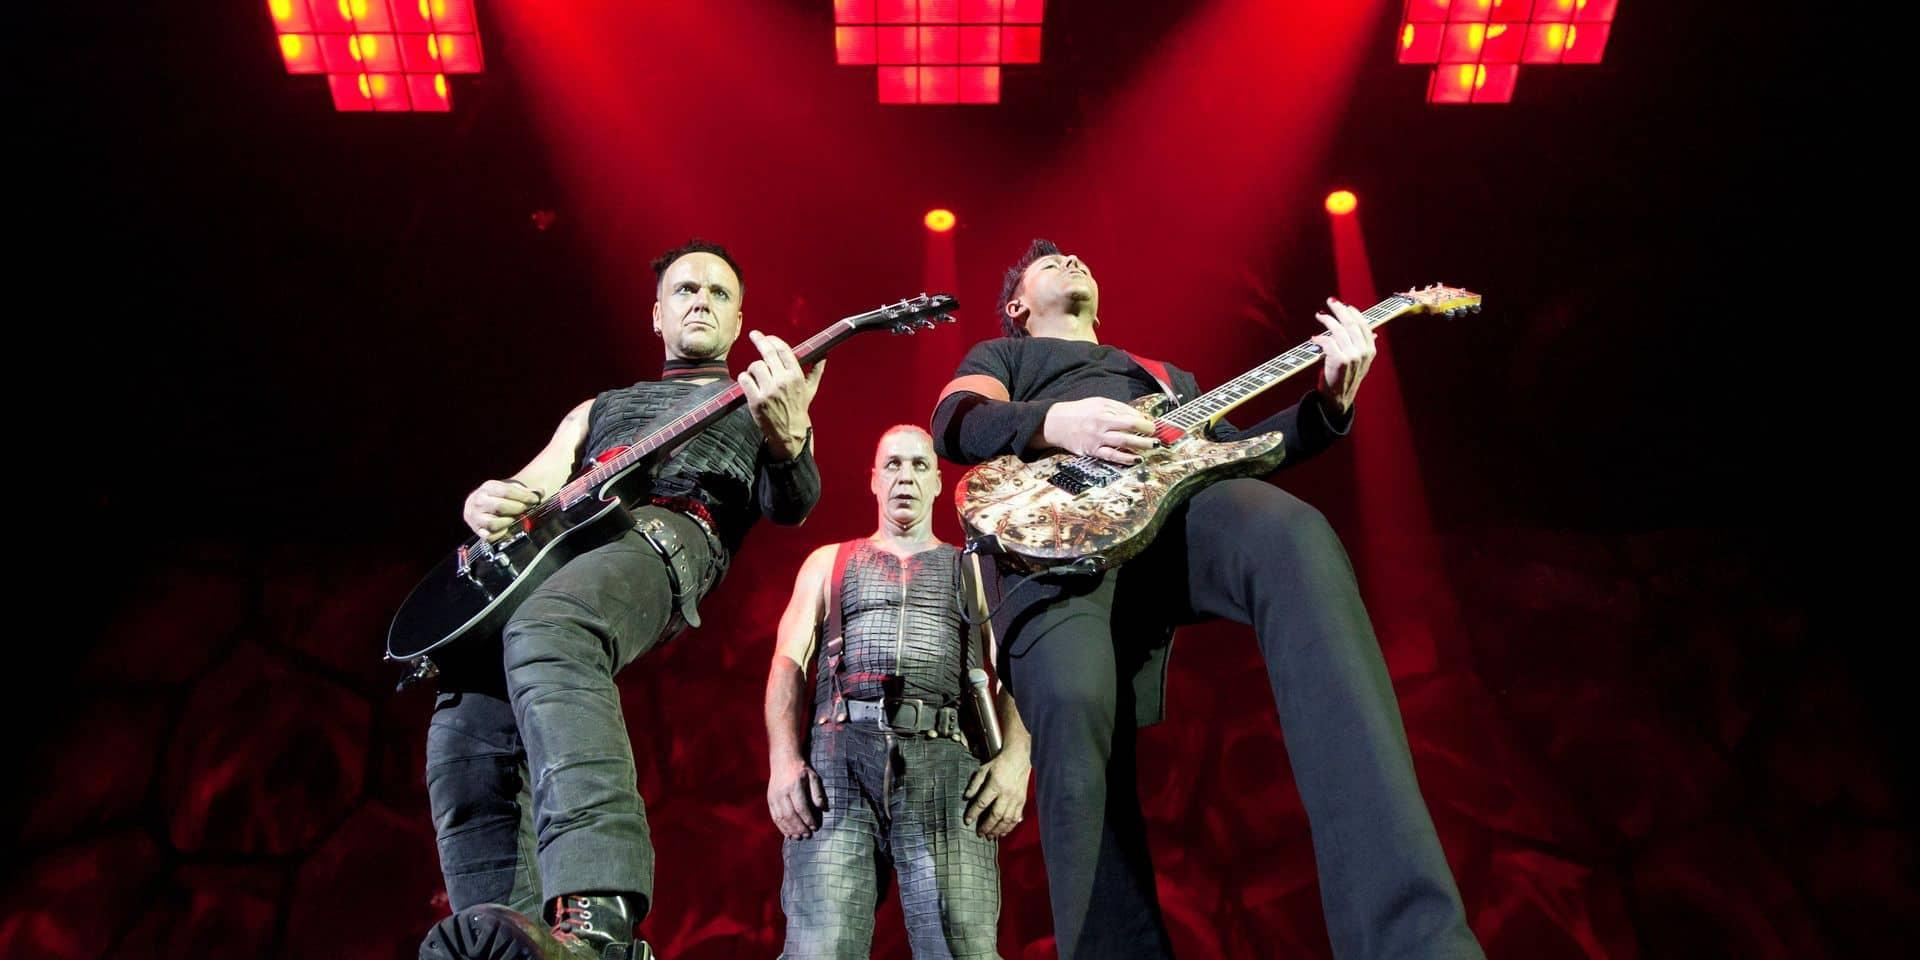 Le show de Rammstein à Ostende complet en 15 minutes